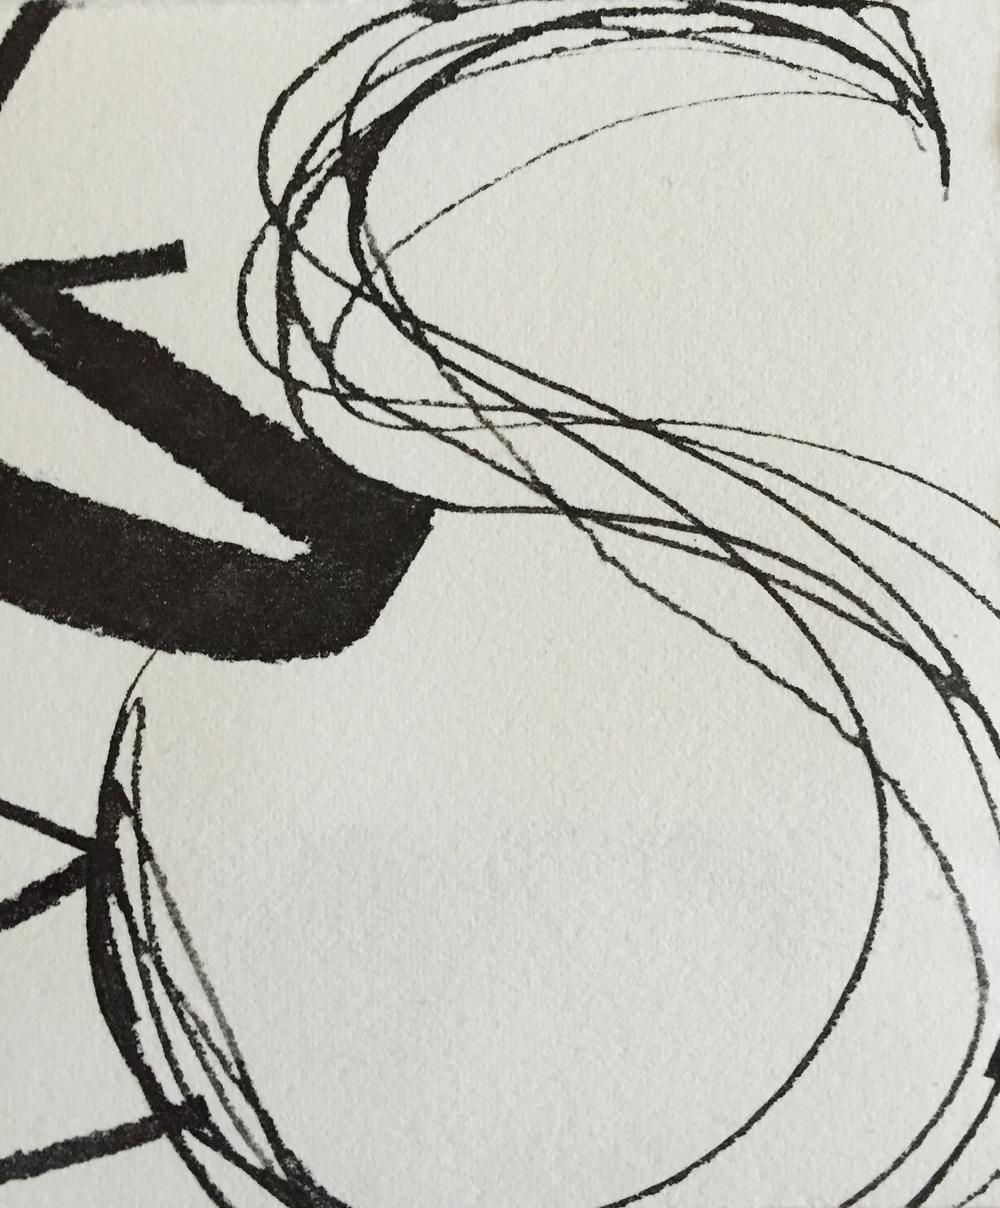 Karen Ness, Thought Woven